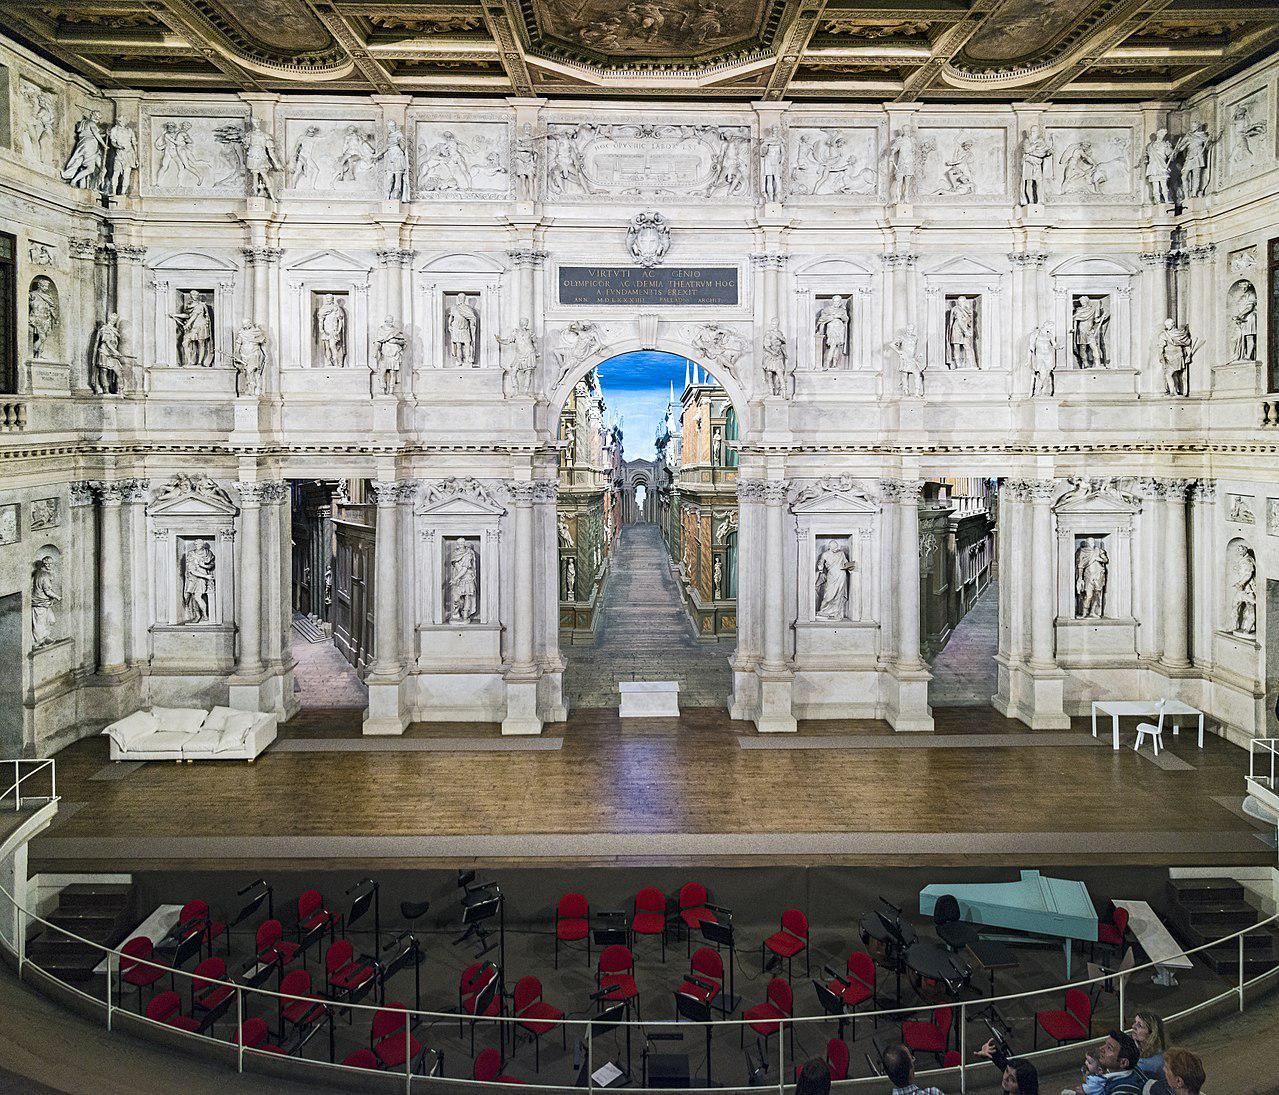 意大利奥林匹克剧院中的 Trompe-l'?il2.jpg